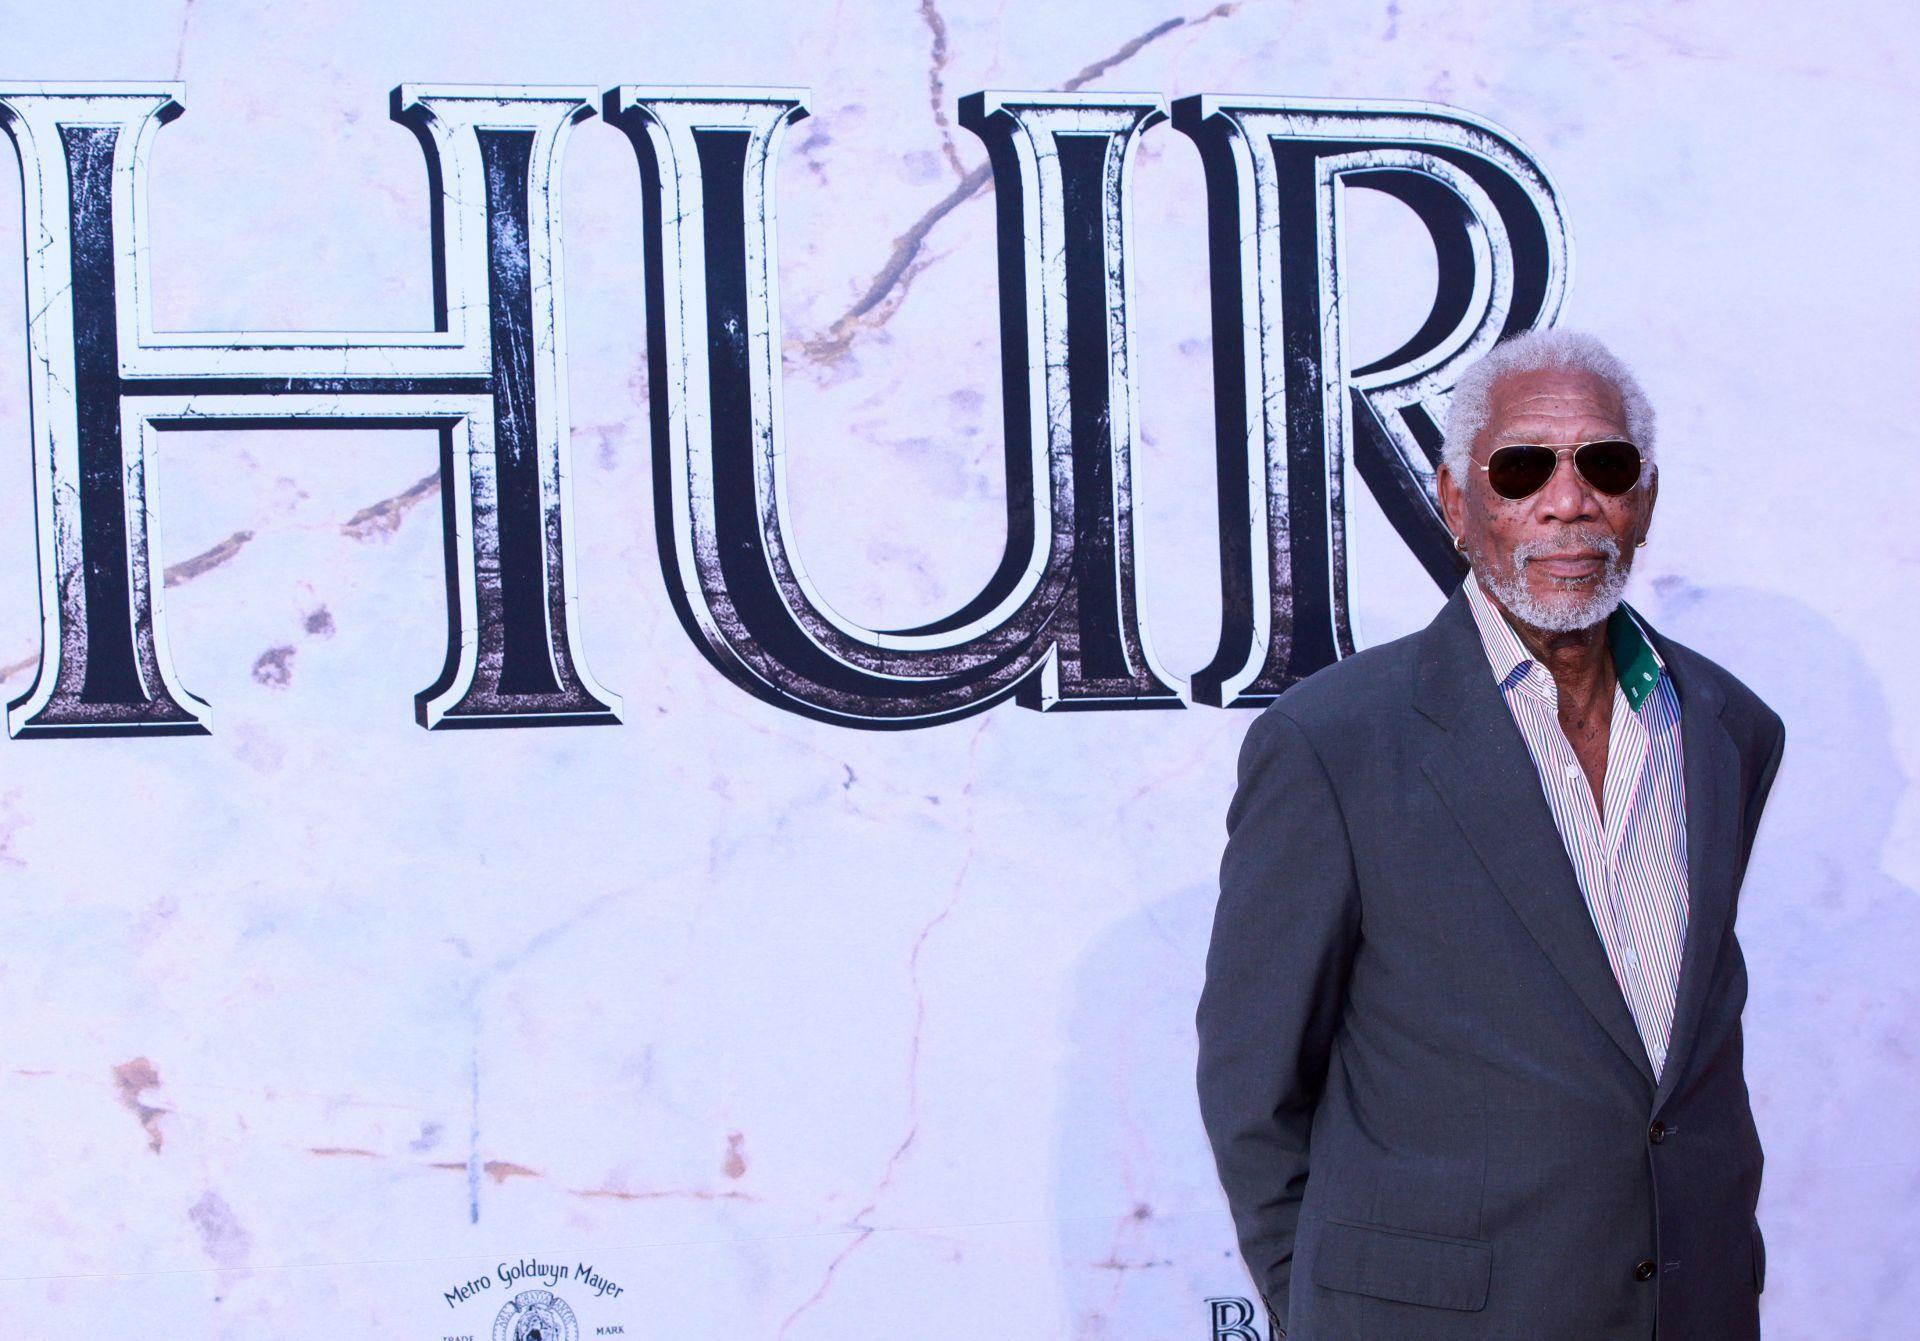 Morgan Freeman recibirá el premio honorífico del Sindicato de Actores